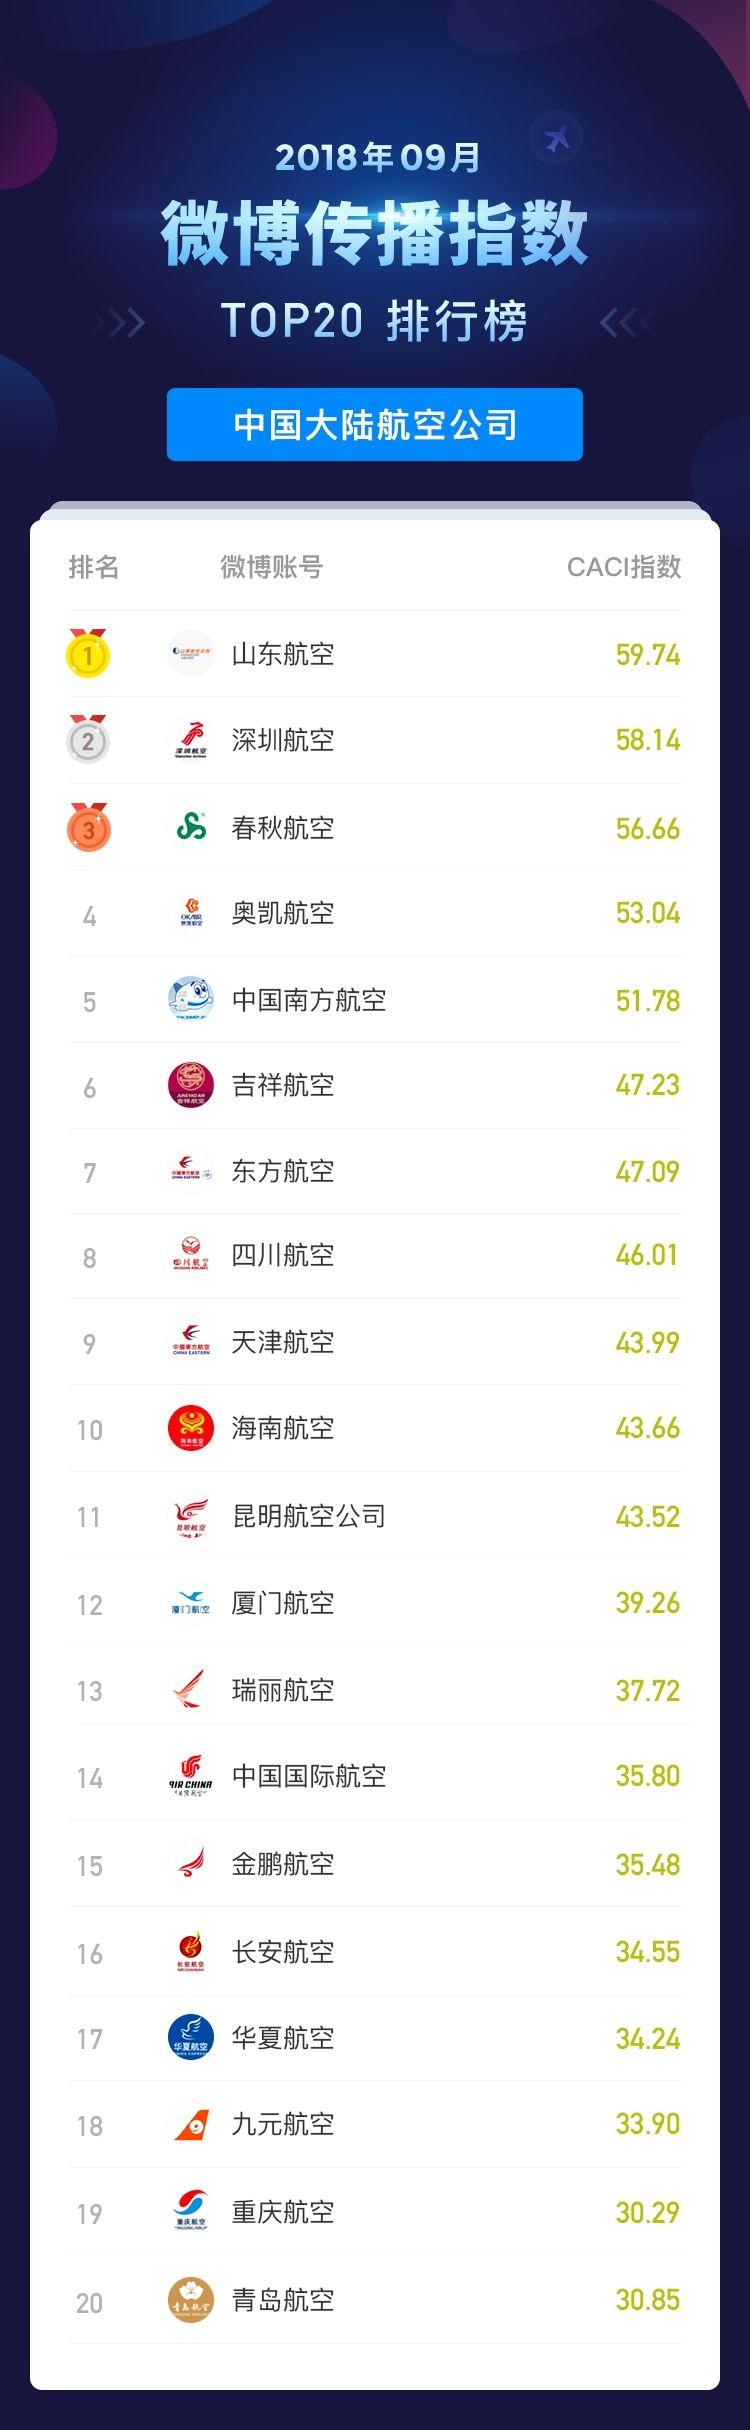 2018年9月民航传播指数_微博传播指数排行榜_中国大陆航空公司 摄影:孔瑞/制图